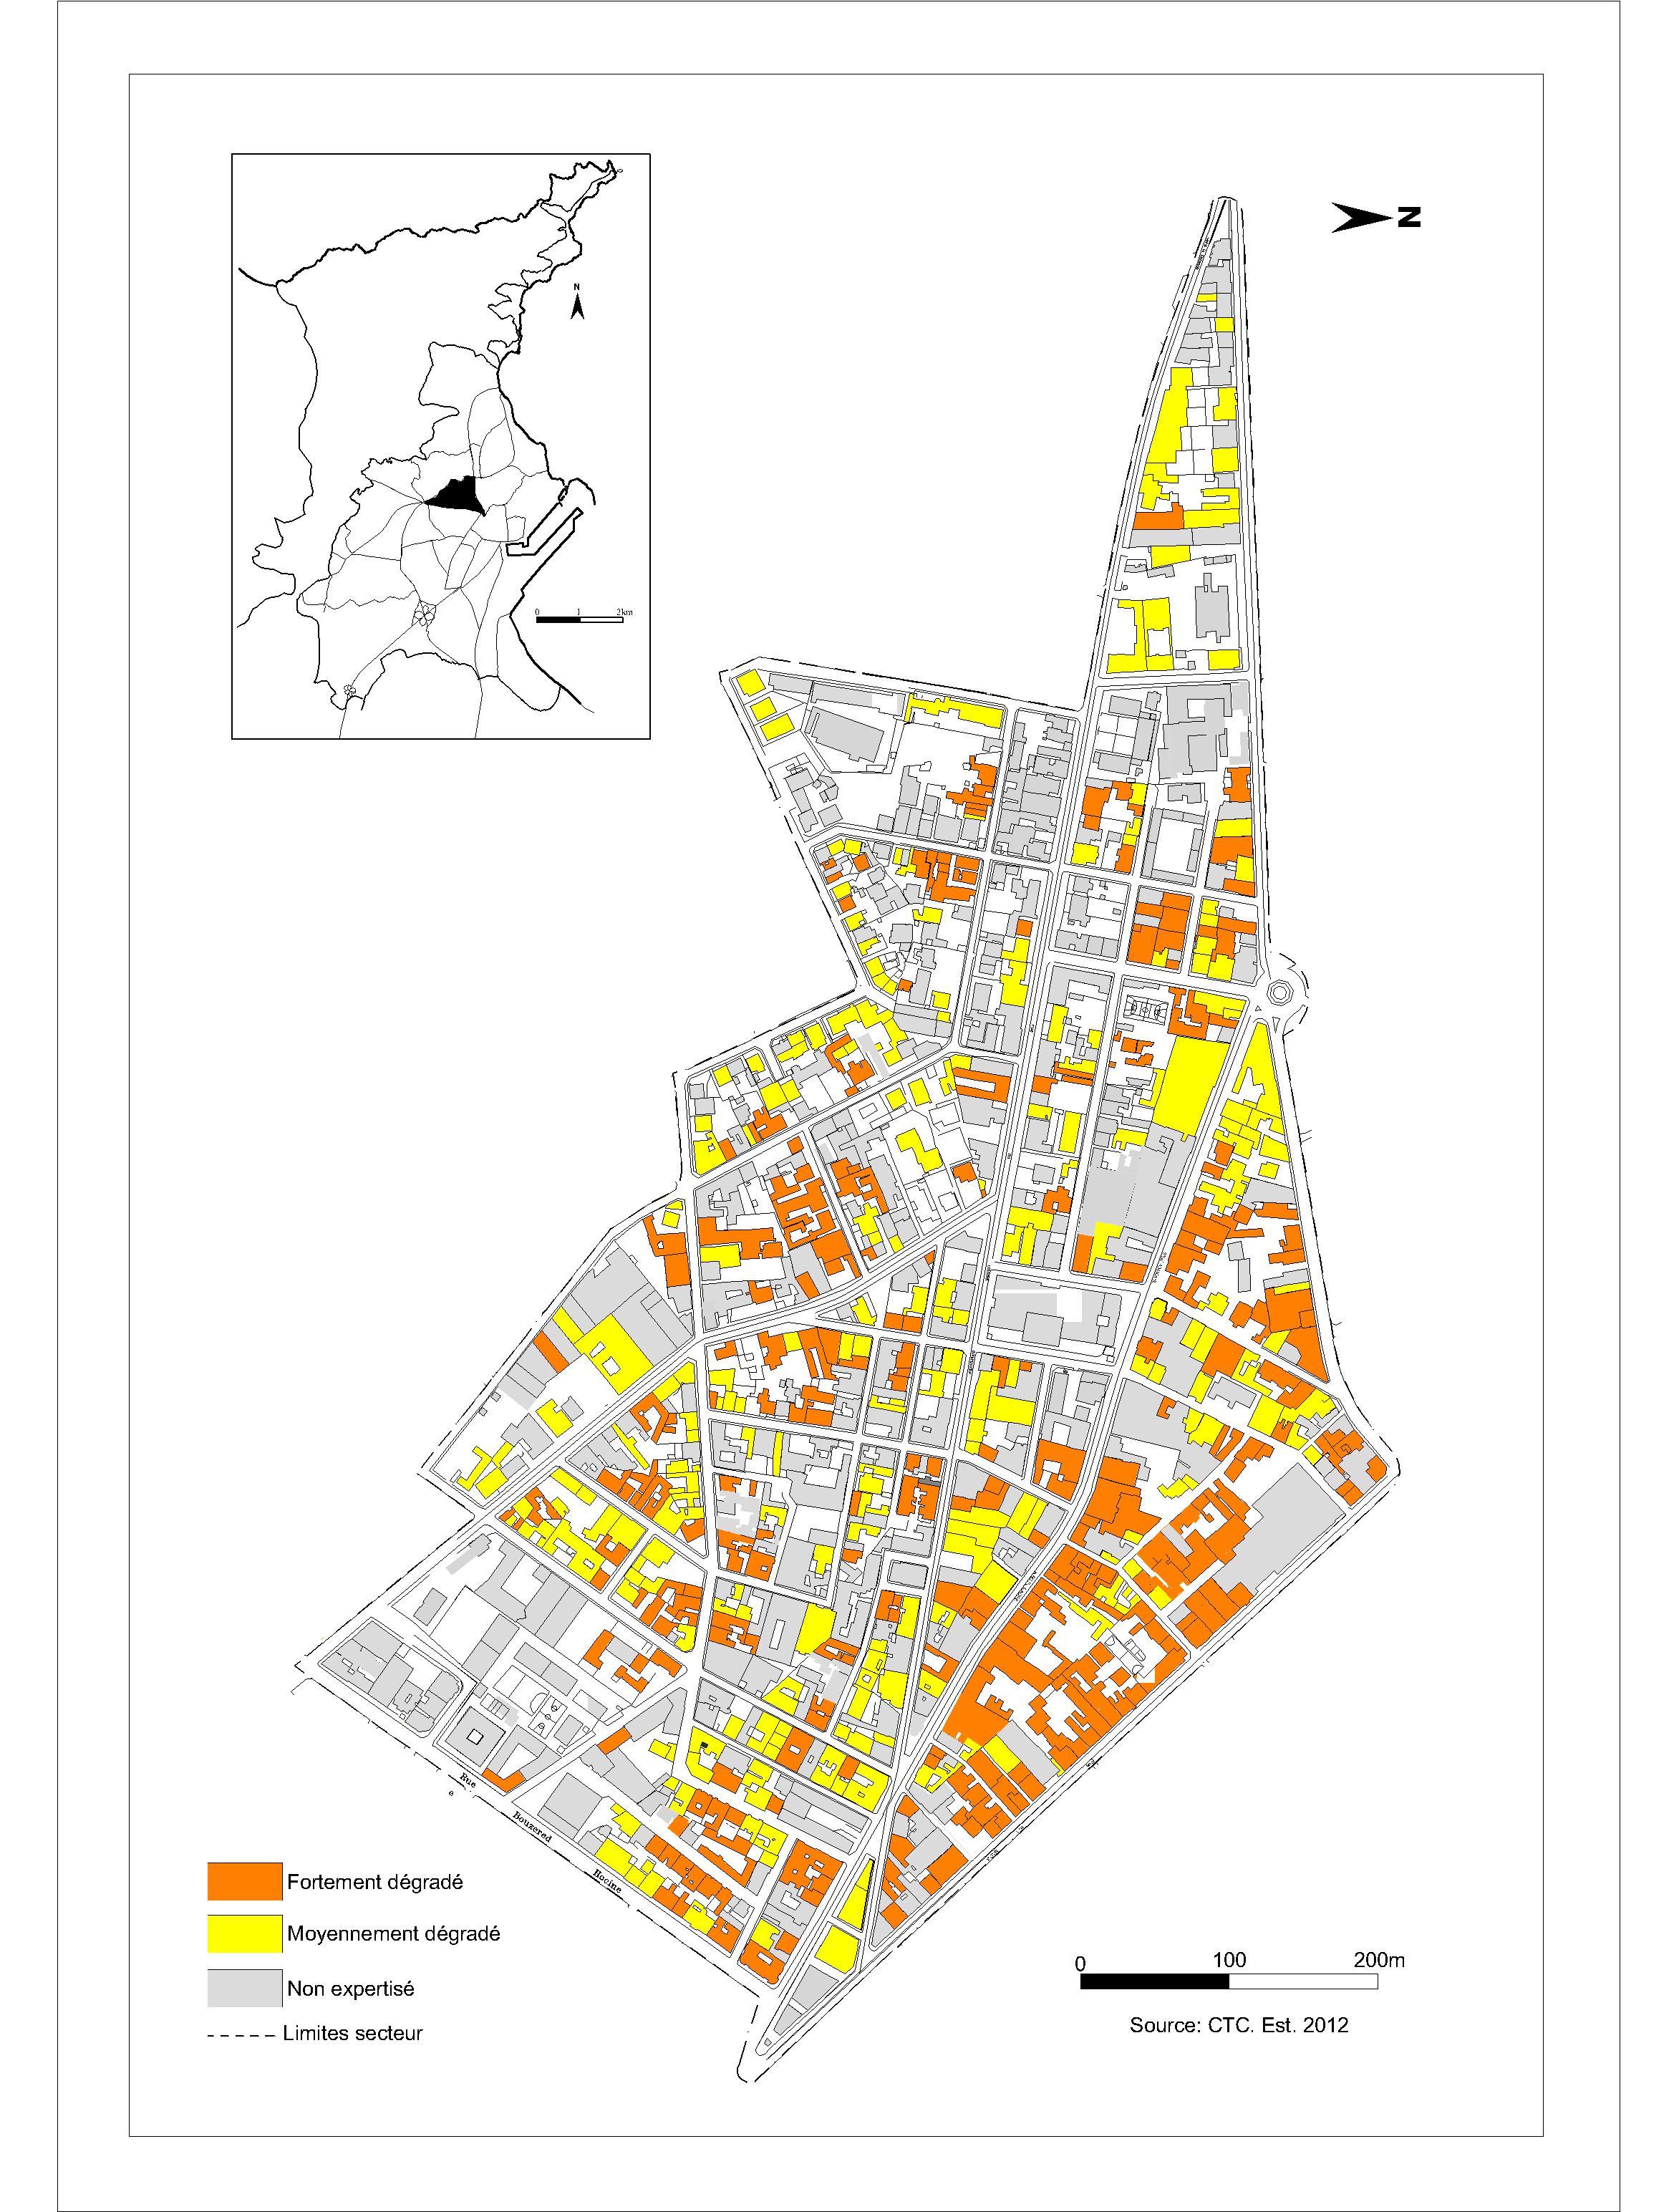 rénovation urbaine en algerie